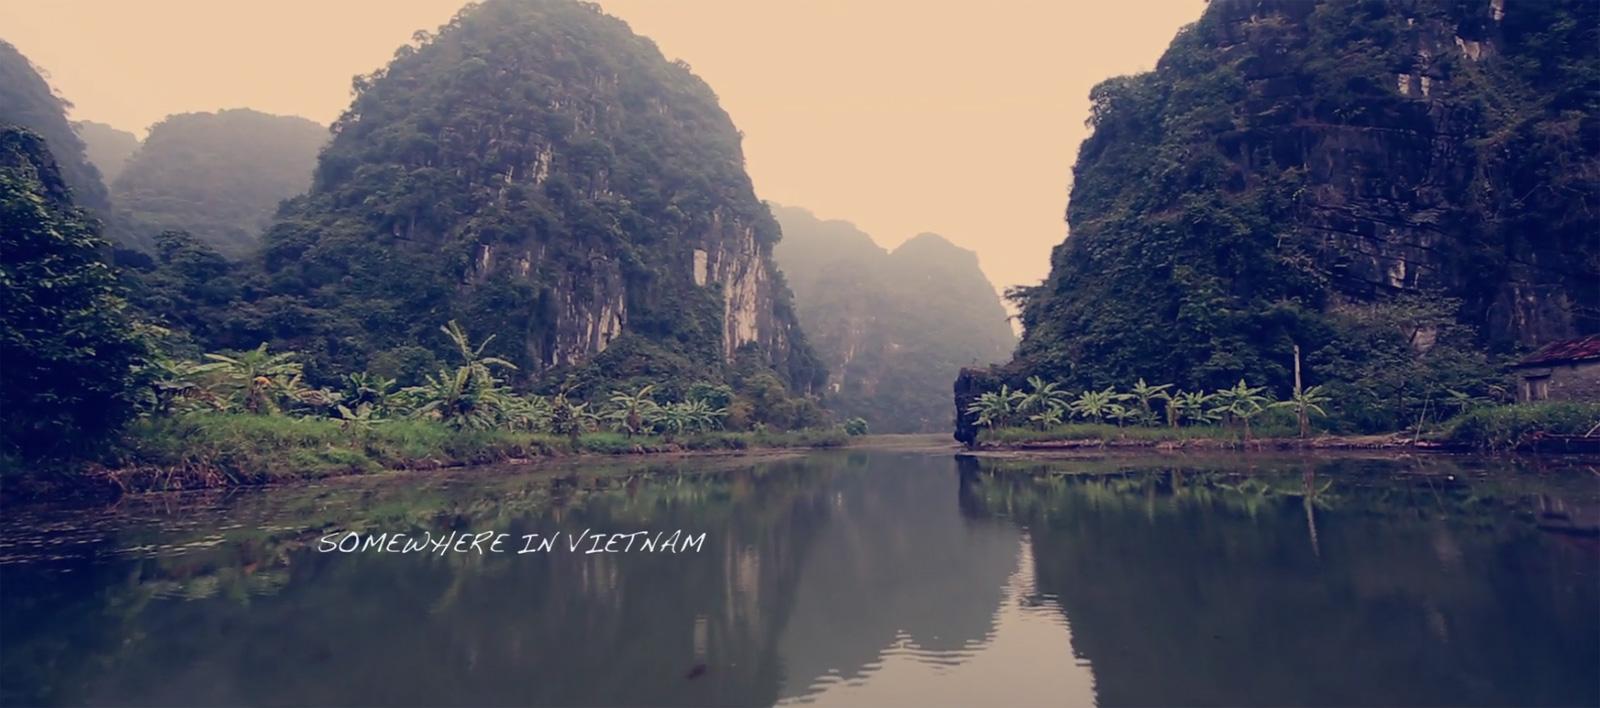 Somewhere_In_Vietnam-Menassier_gabriel-2